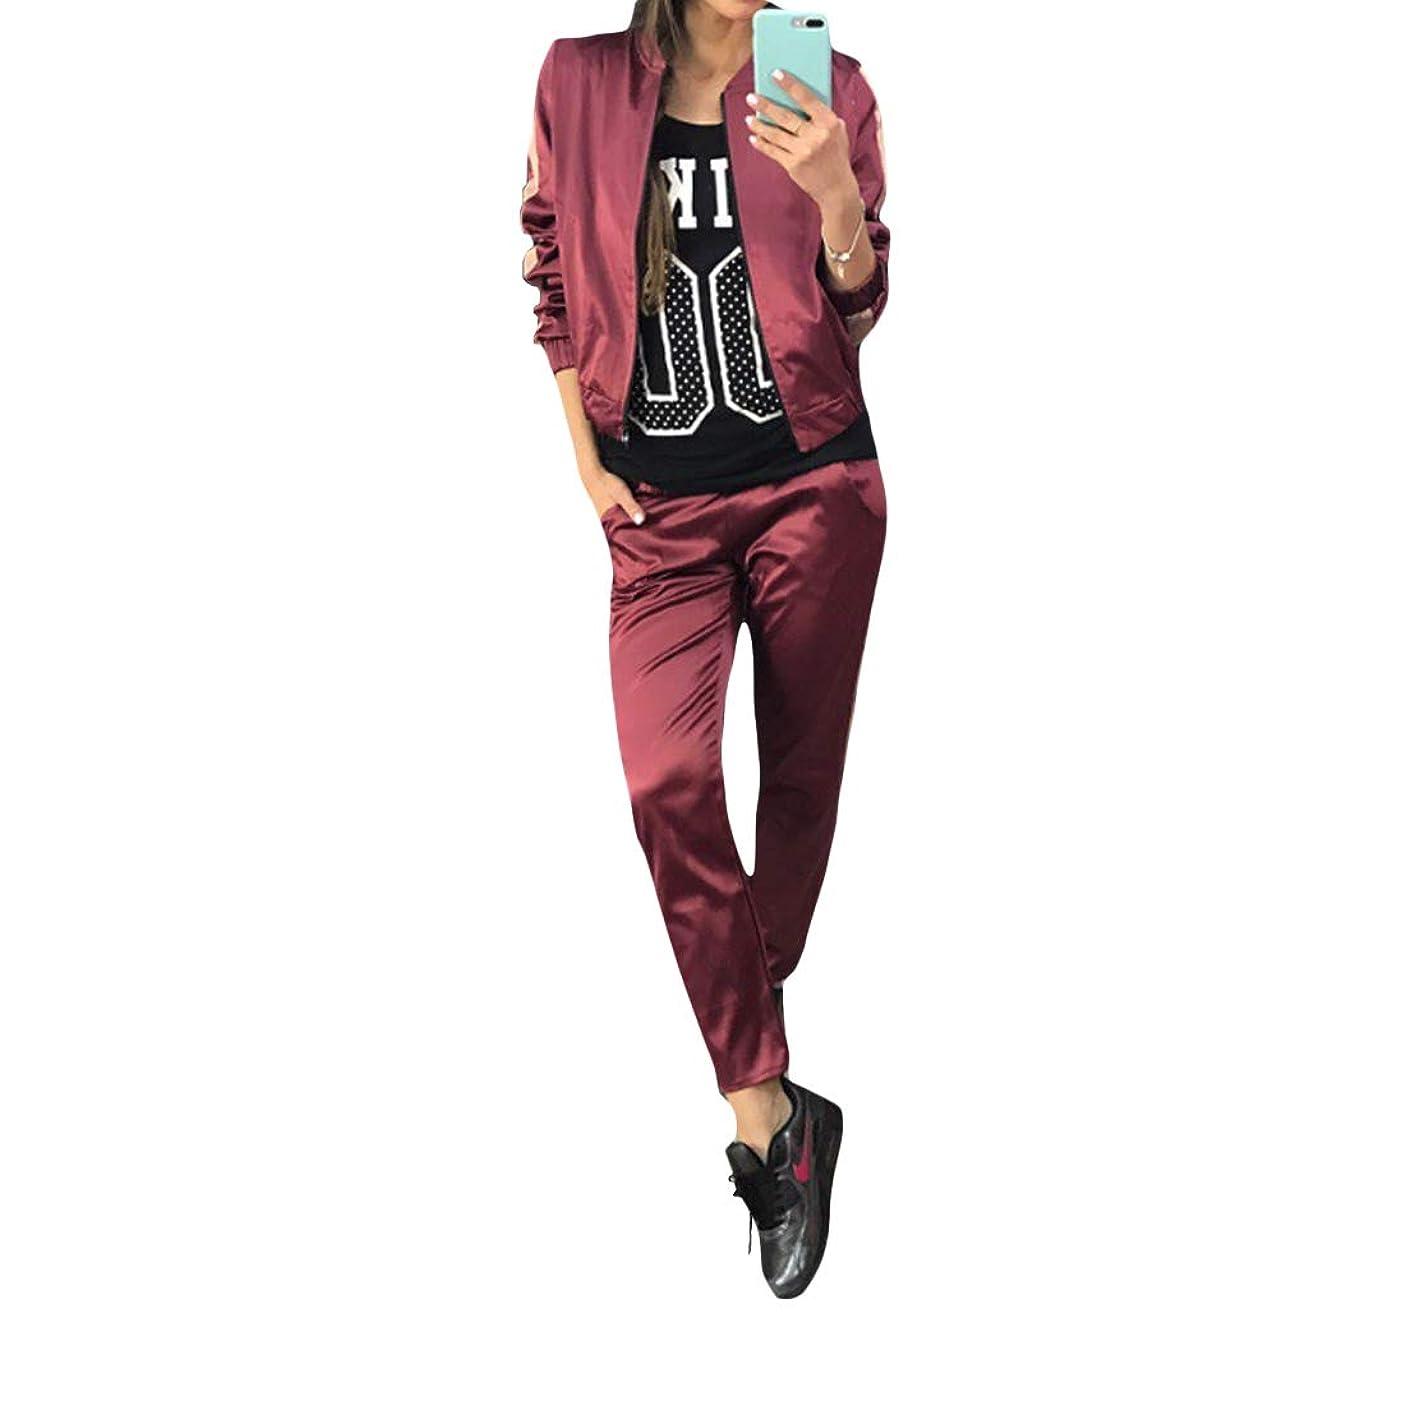 コースドア歯痛女性の服 レジャー 2個セット スーツ ロングスリーブ Tシャツ トップタイト ズボン スウェットシャツ